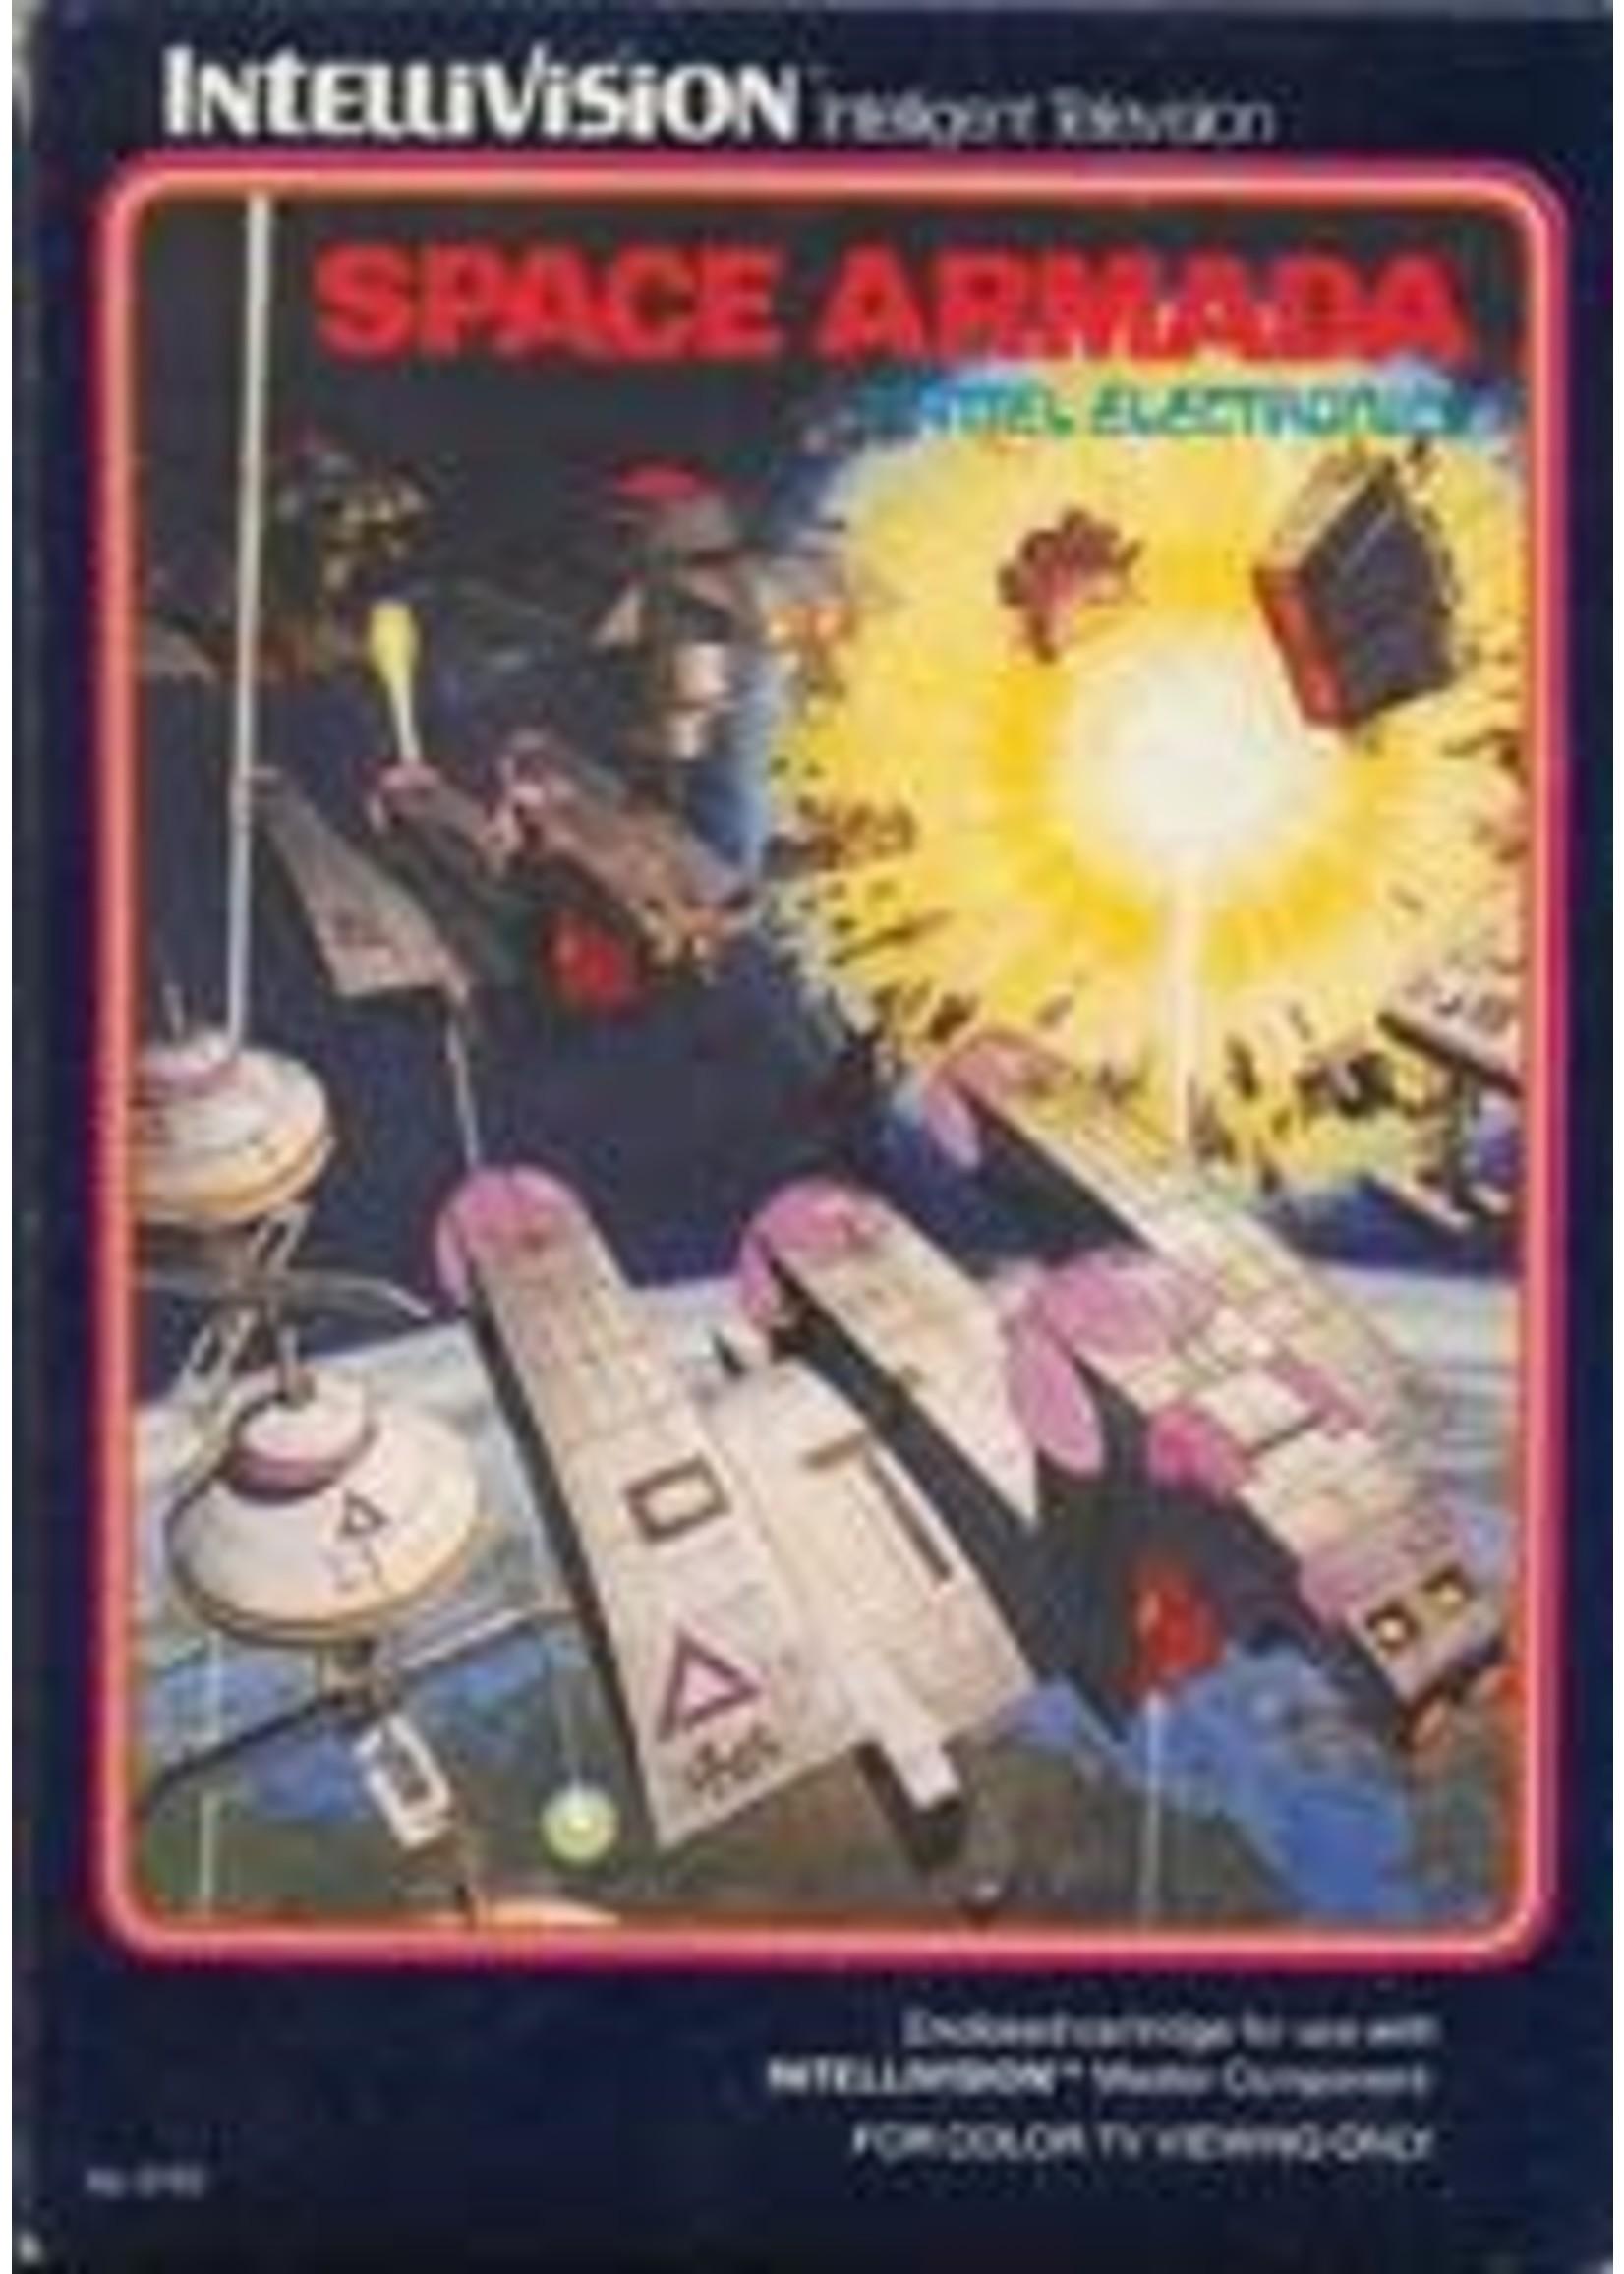 Space Armada Intellivision